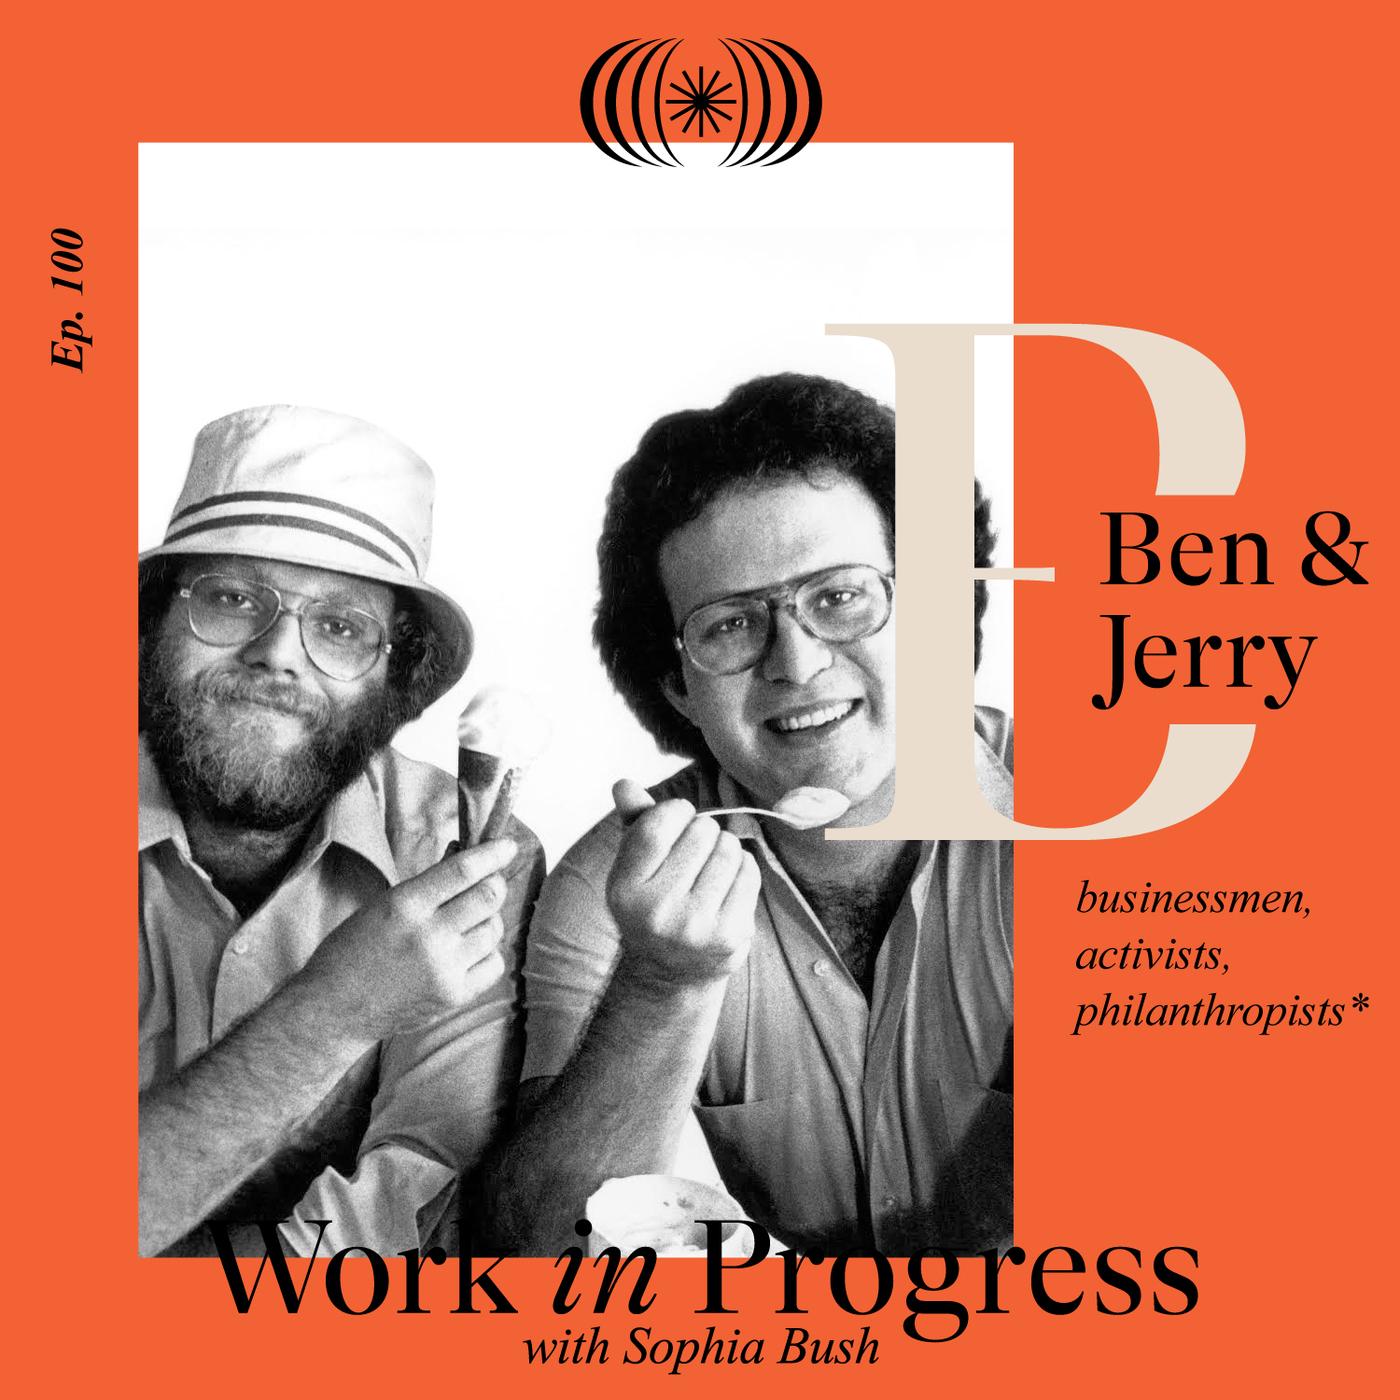 Ben & Jerry